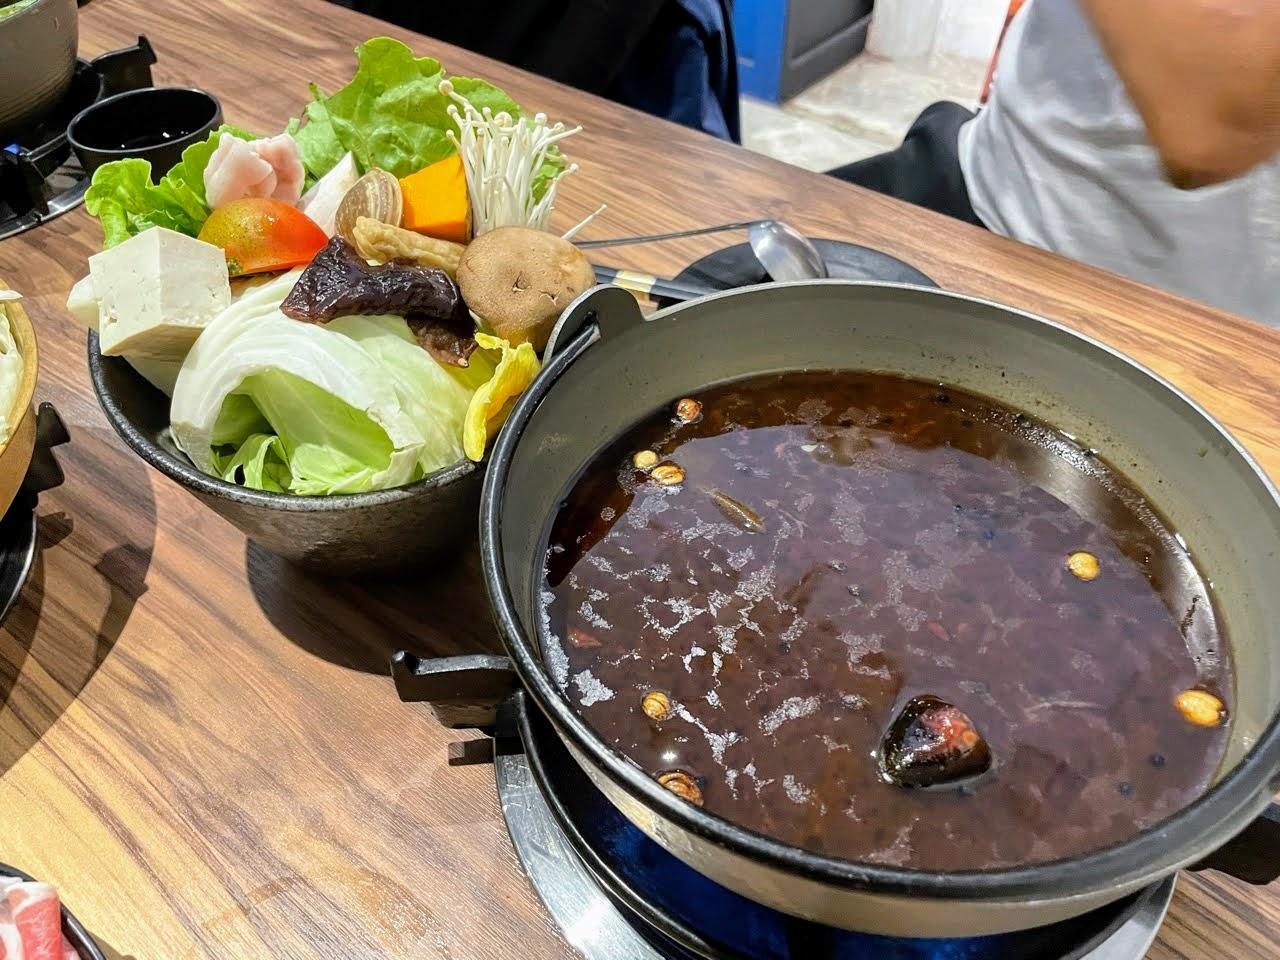 【台北|大安區】咕咕咕嚕-大安店|日式火鍋與韓式銅盤烤肉一次大滿足|大安火鍋推薦|大安銅盤烤肉推薦